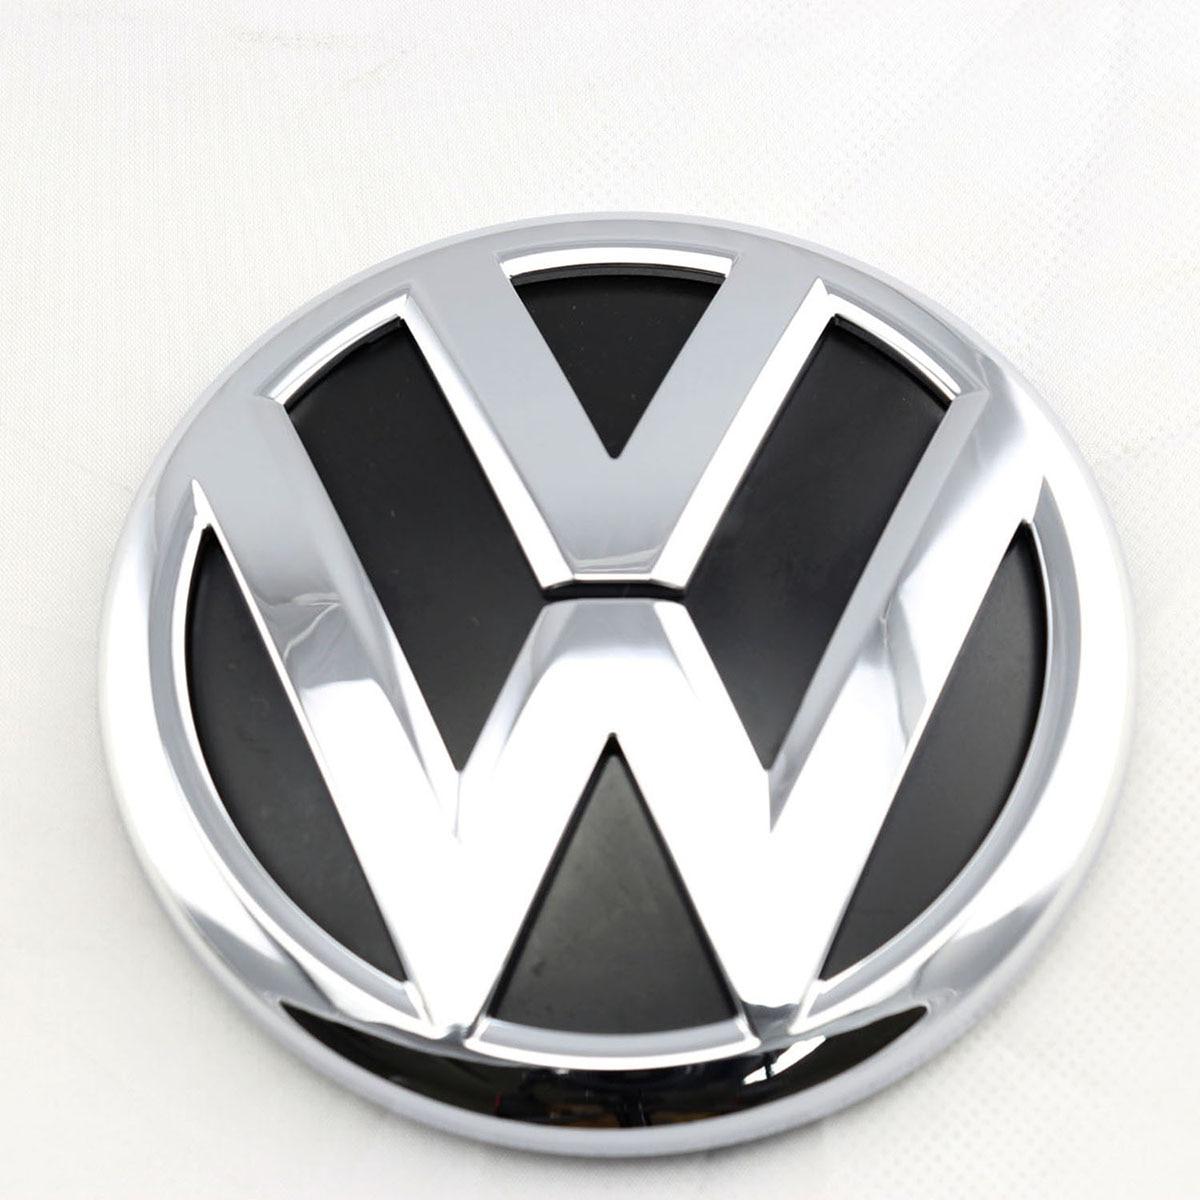 OEM Arrière Couvercle de Coffre Badge Emblème Chrome Logo Autocollant De Voiture Pour VW Volkswagen Jetta MK6 VI 6 2011-14 5C6 853 630 ULM